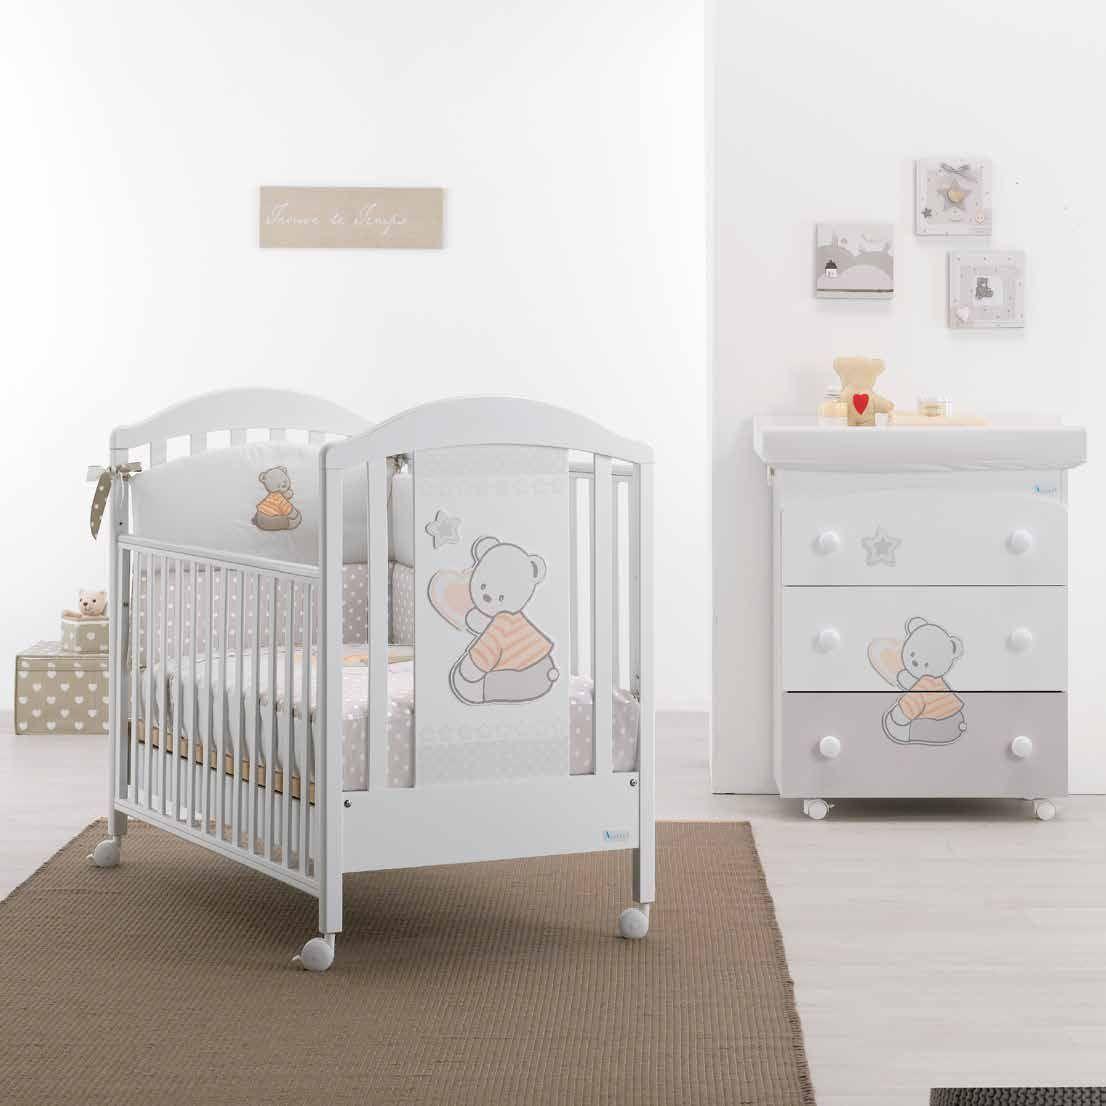 Startseite   Kinder zimmer ideen, Baby möbel, Kids interior